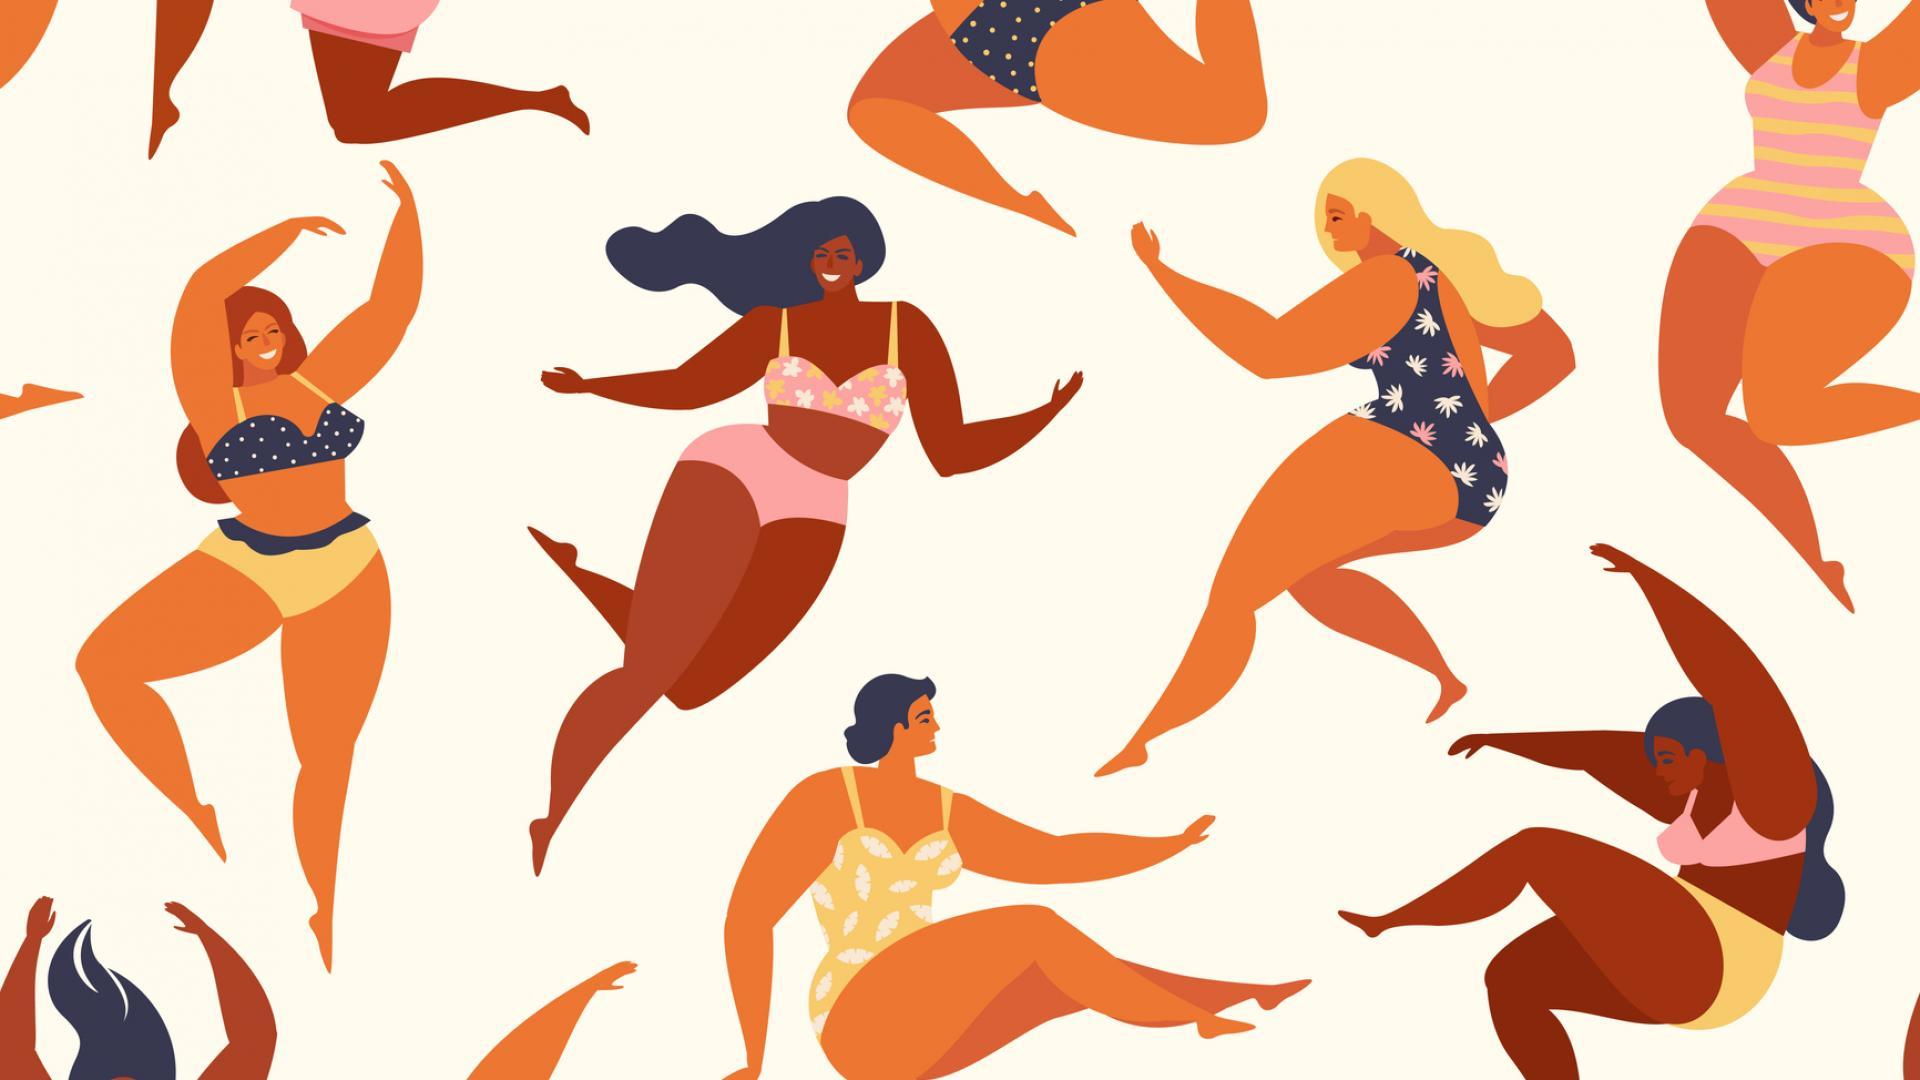 лято закръглени жени извивки